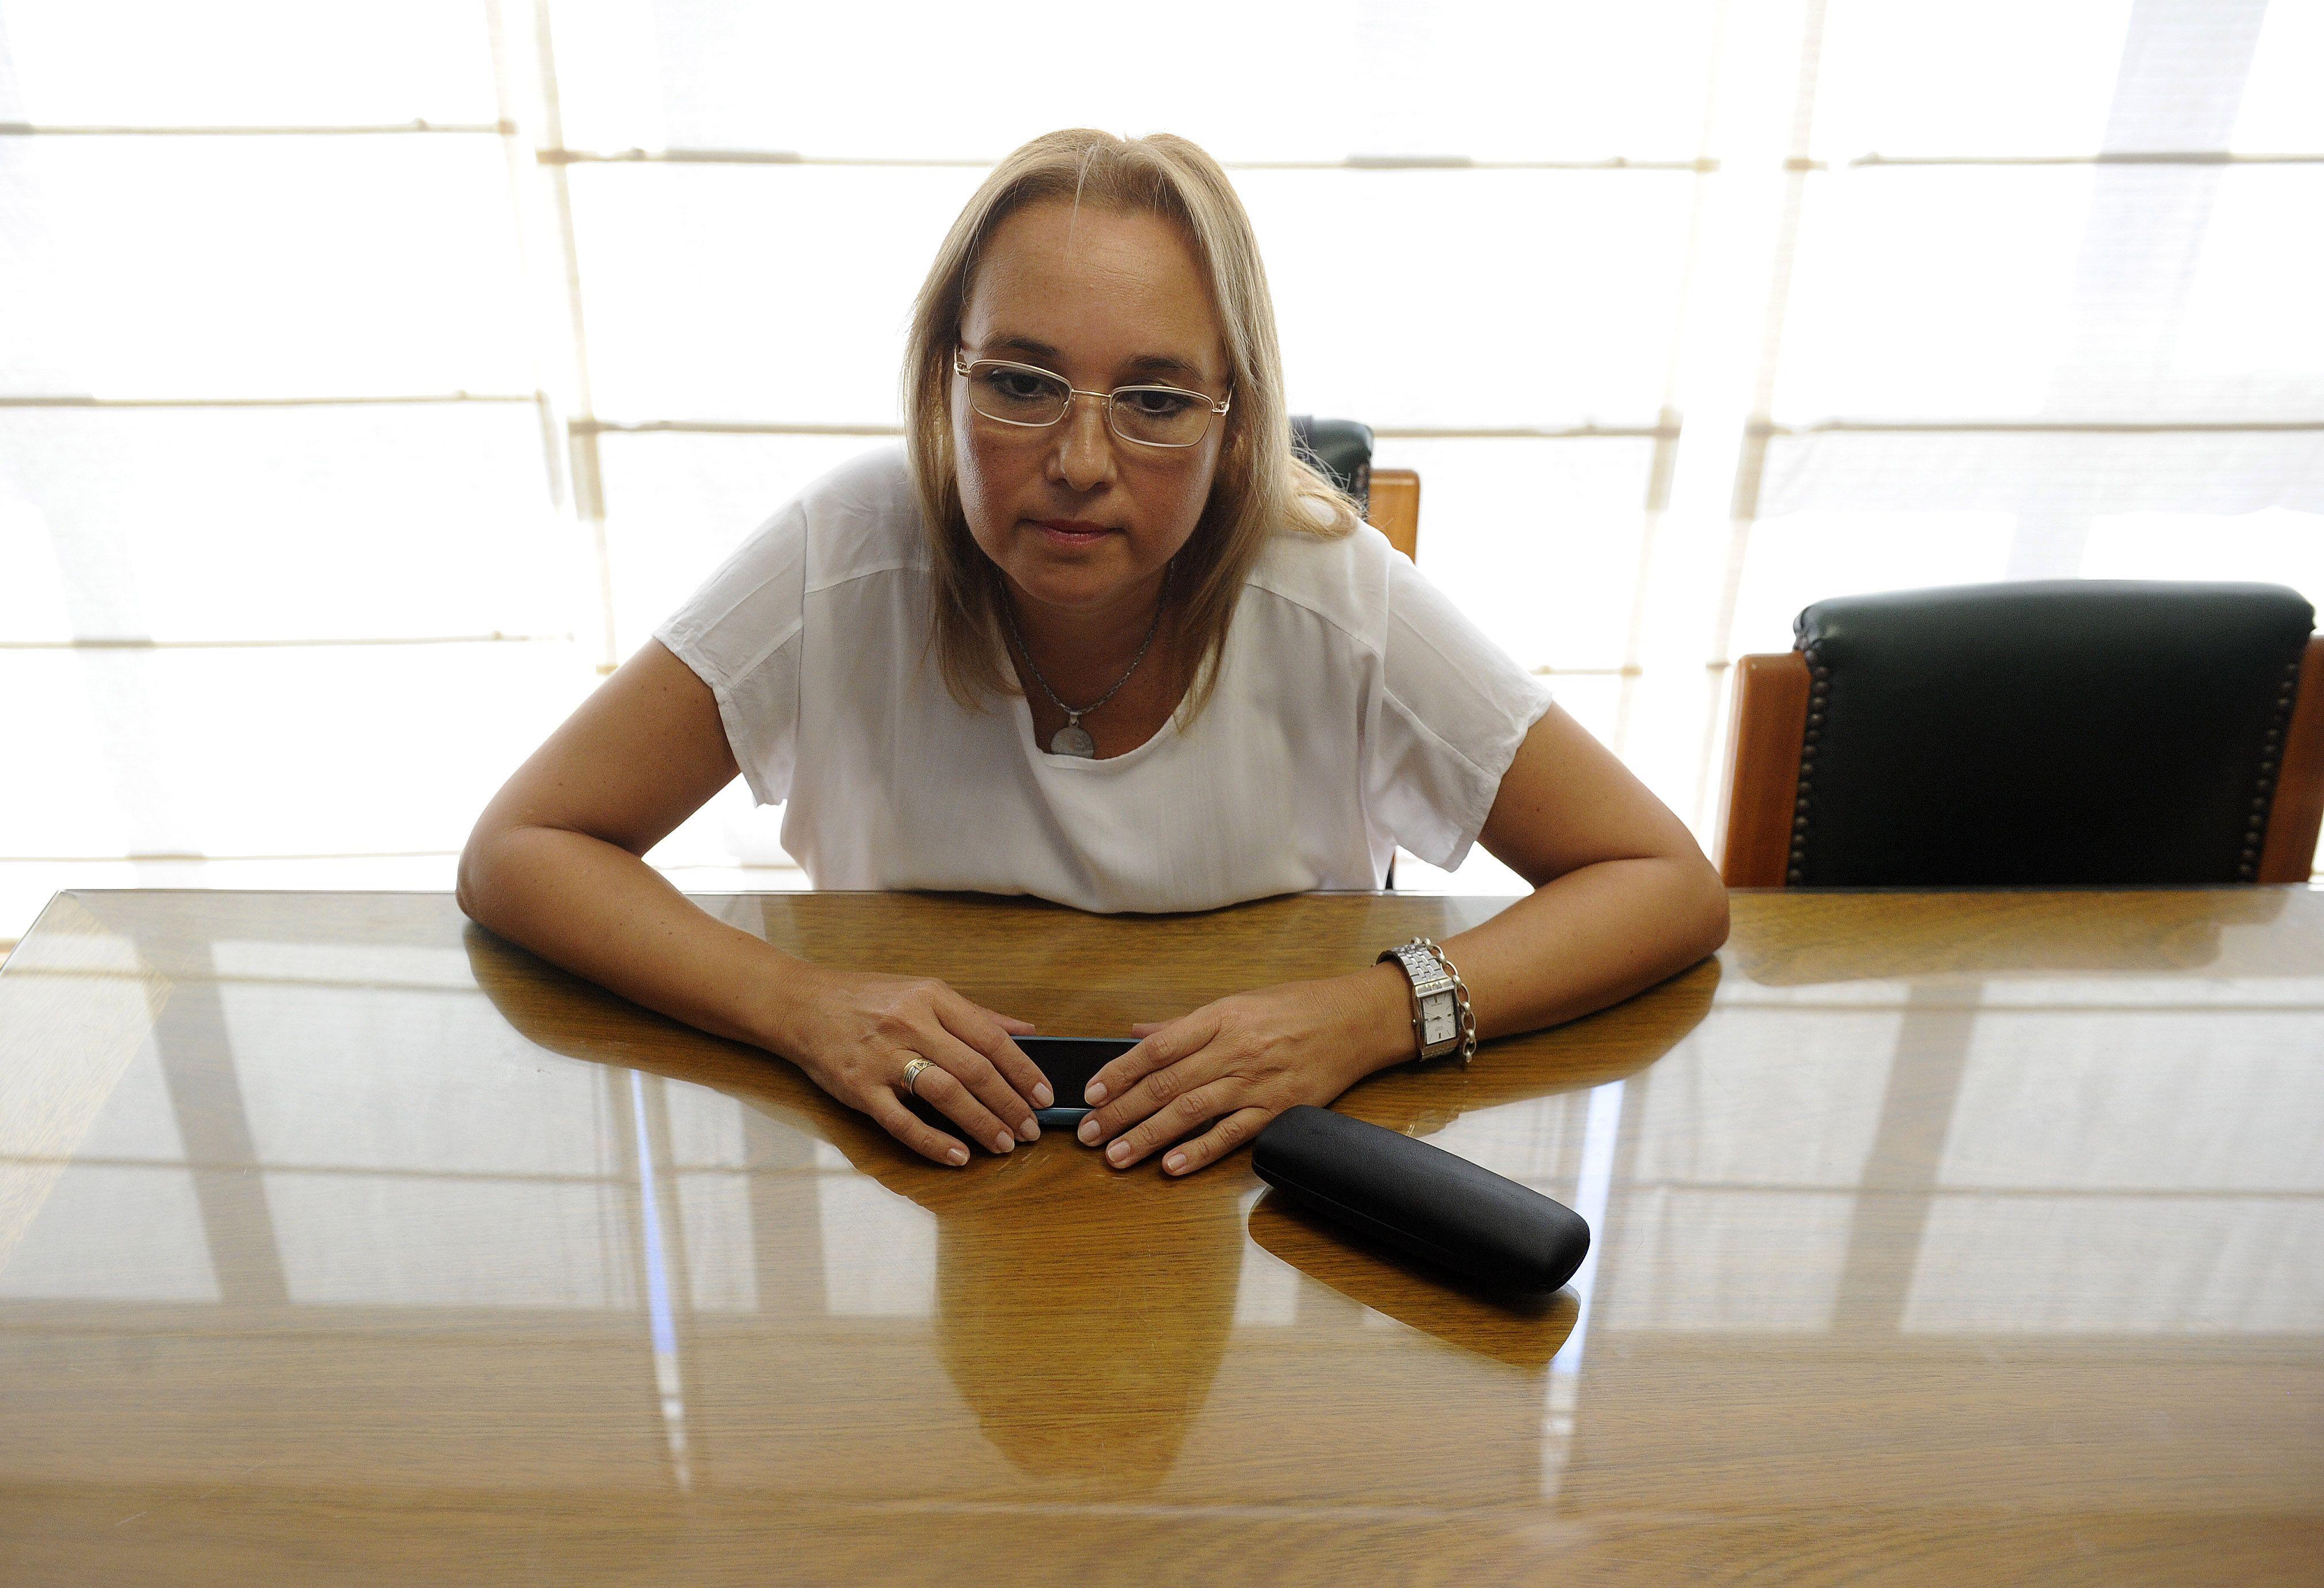 La administradora Mariela Calvillo habló por primera vez. (Foto: H. Rio)